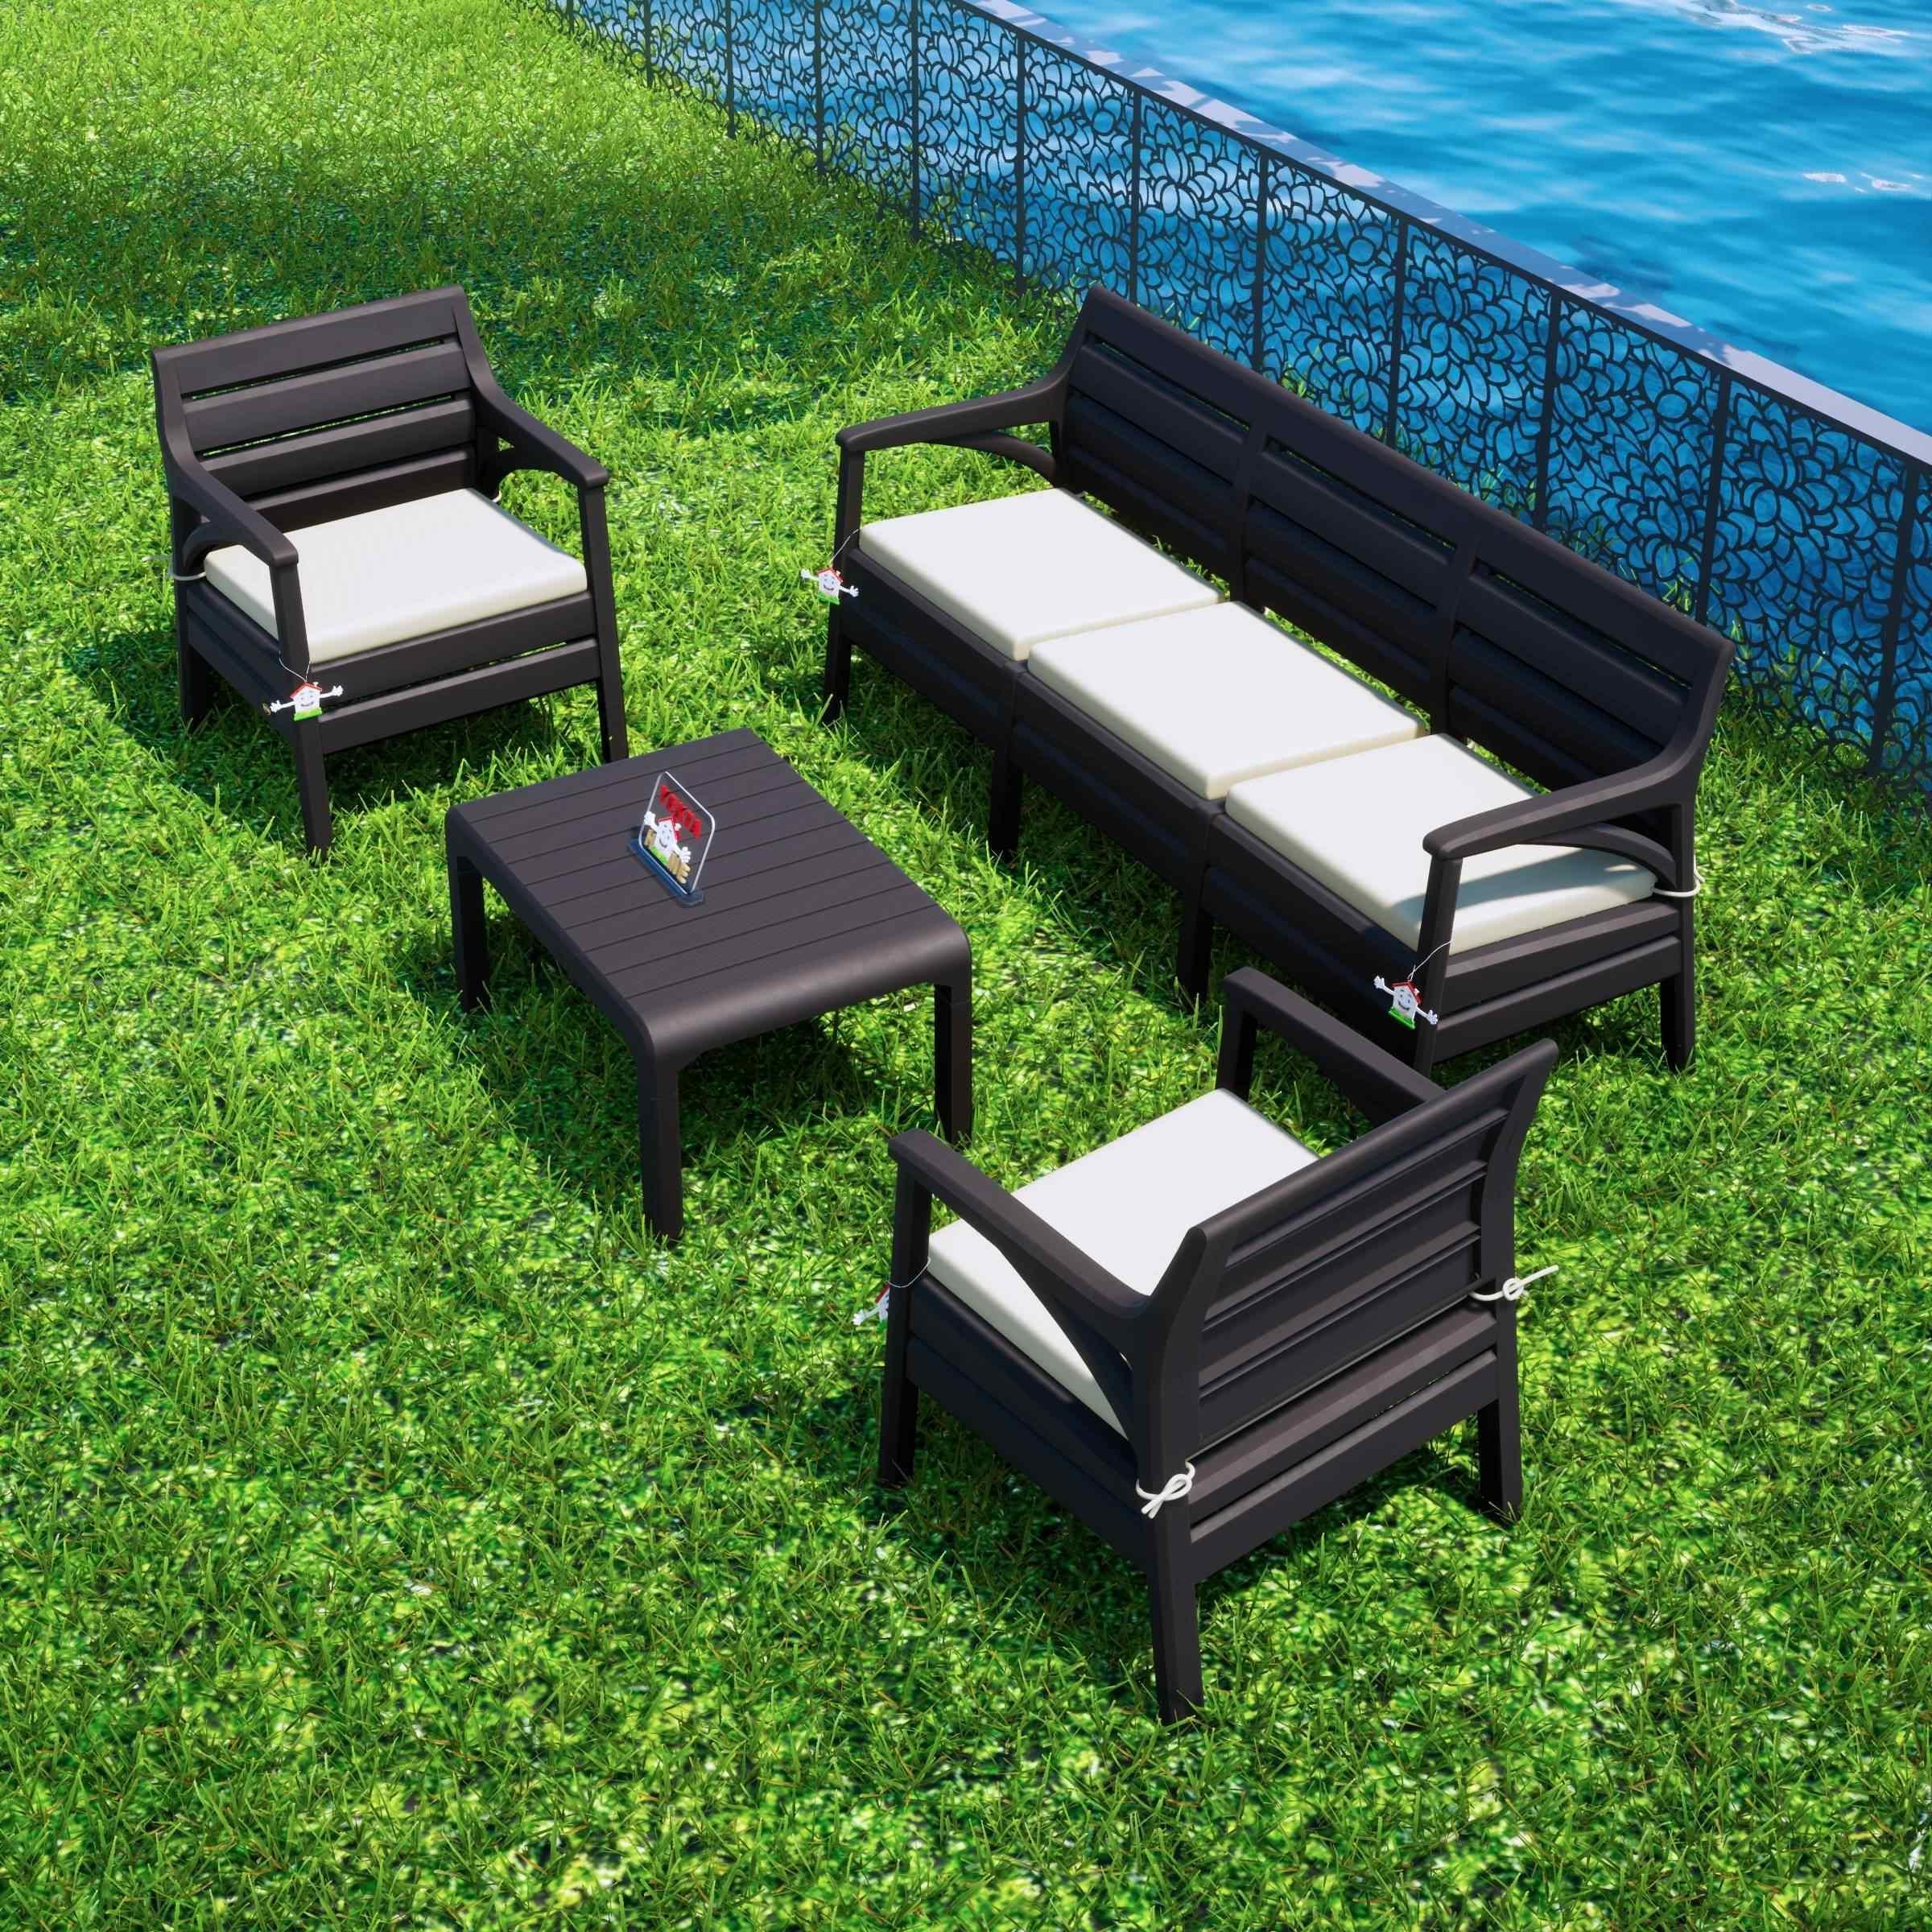 Holiday Hawai Oturma Grubu Bahçe Ve Balkon Koltuk Takımı Kahverengi